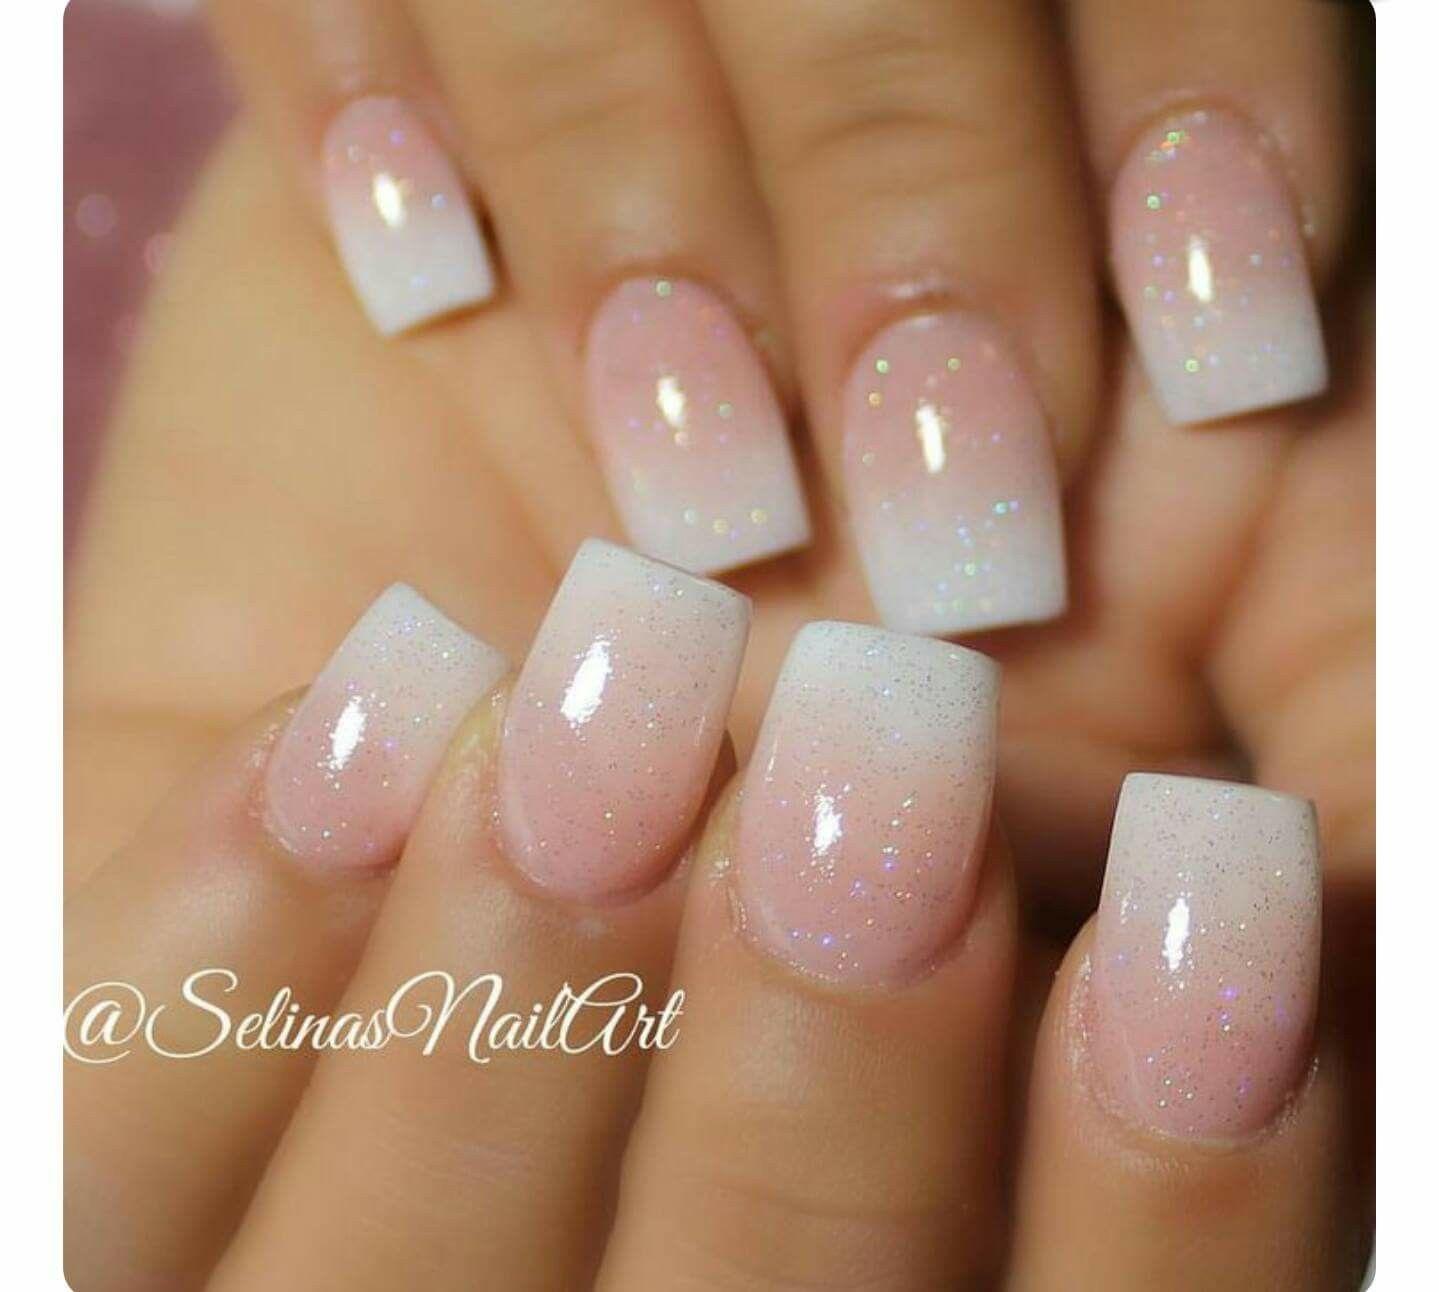 Pin by Kara Sorensen on nails and make-up | Pinterest | Prom nails ...